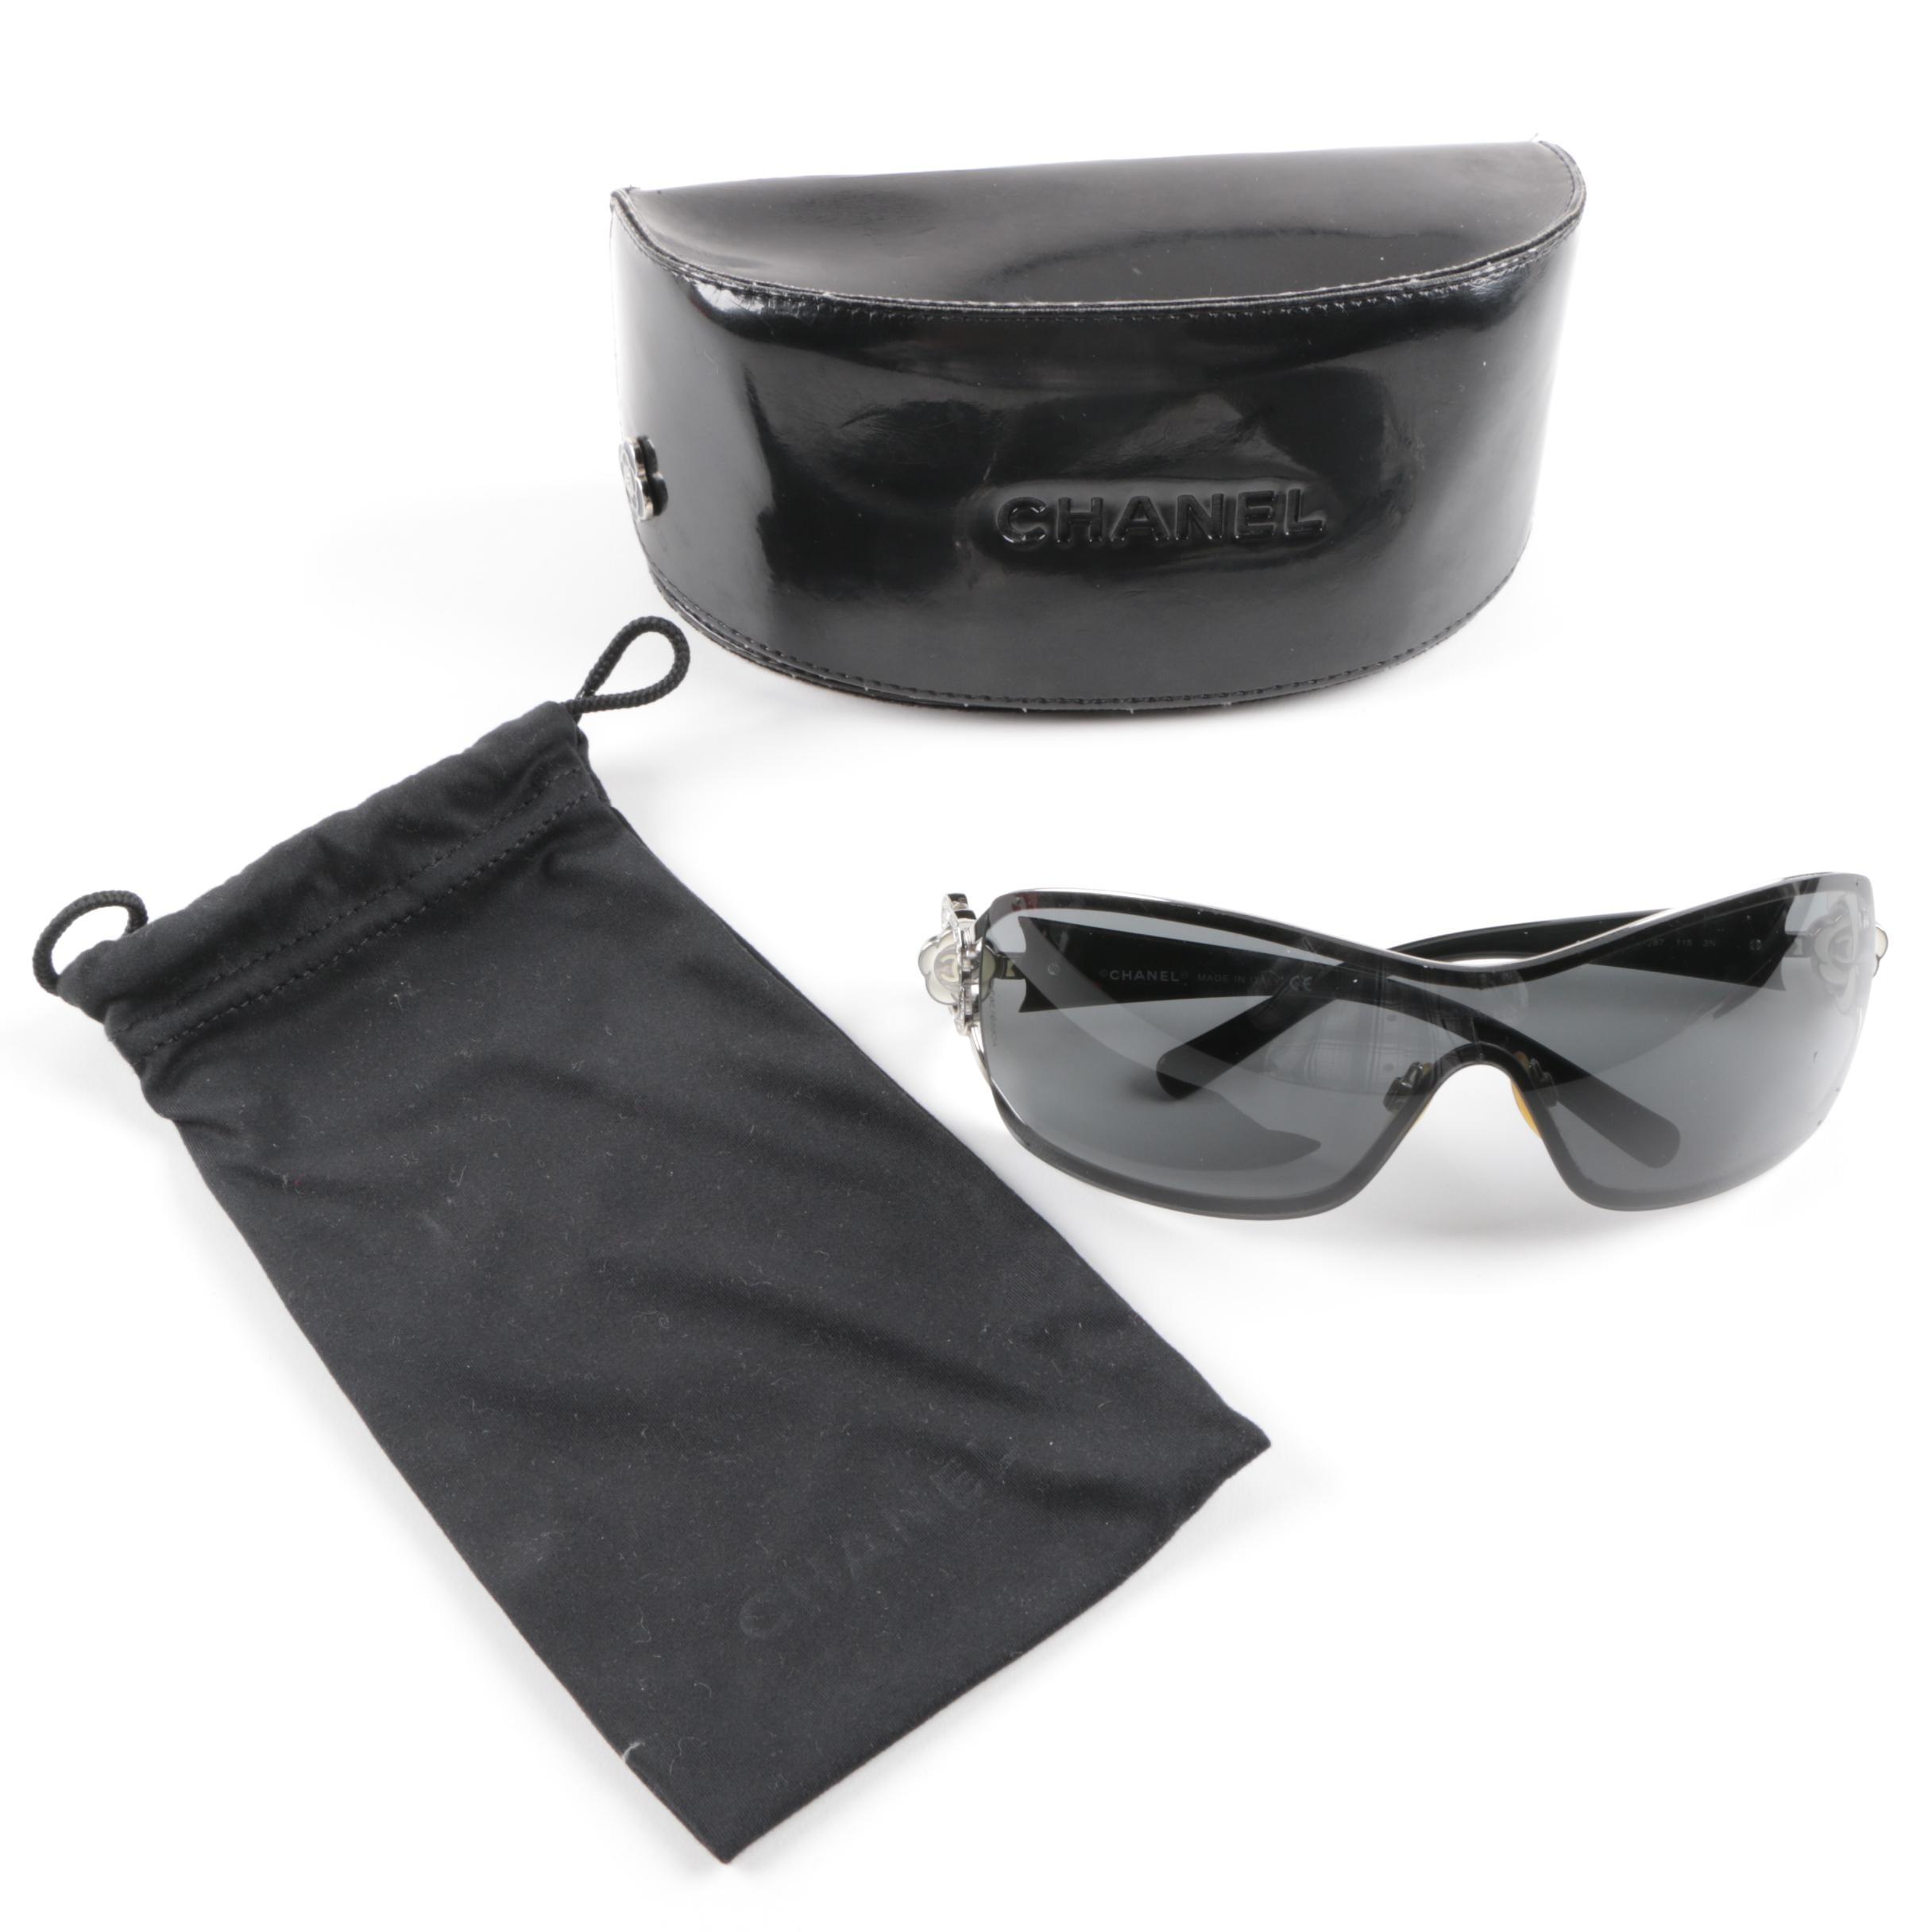 Chanel 4164-B Camellia Sunglasses